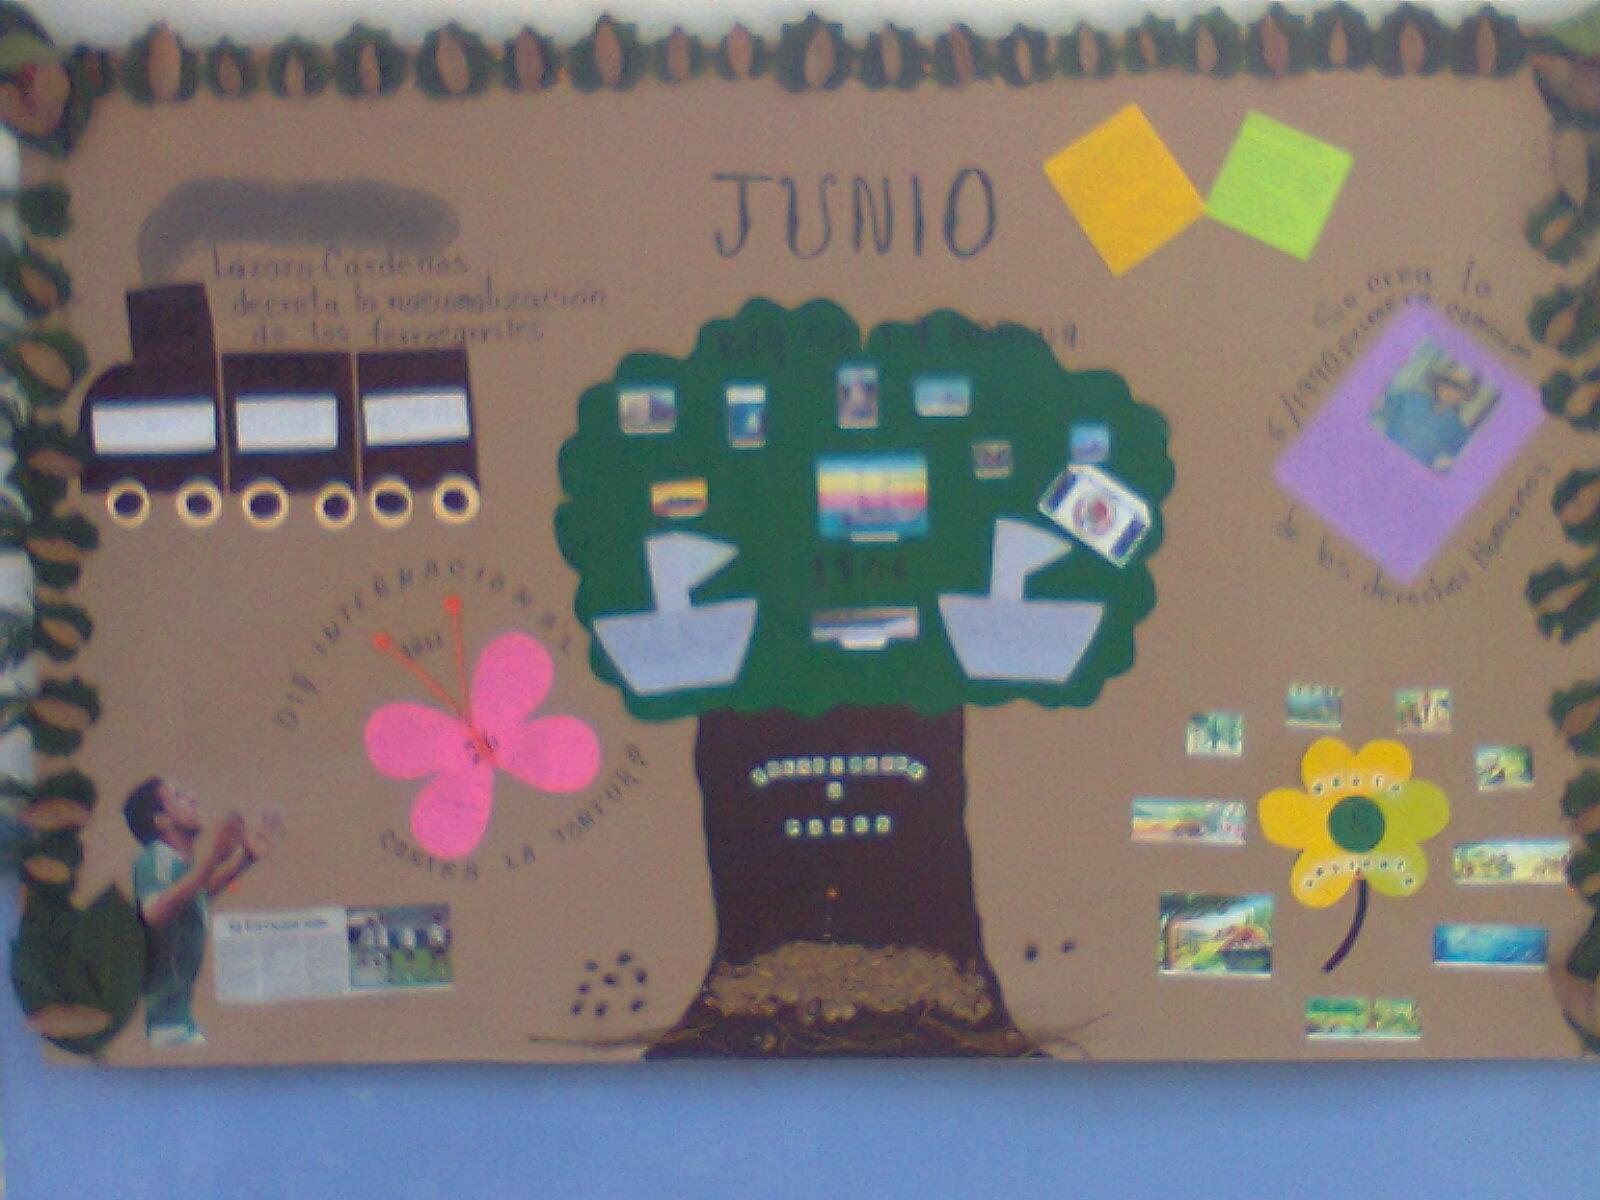 Peri dico mural mes de junio 2 imagenes educativas for Como elaborar un periodico mural